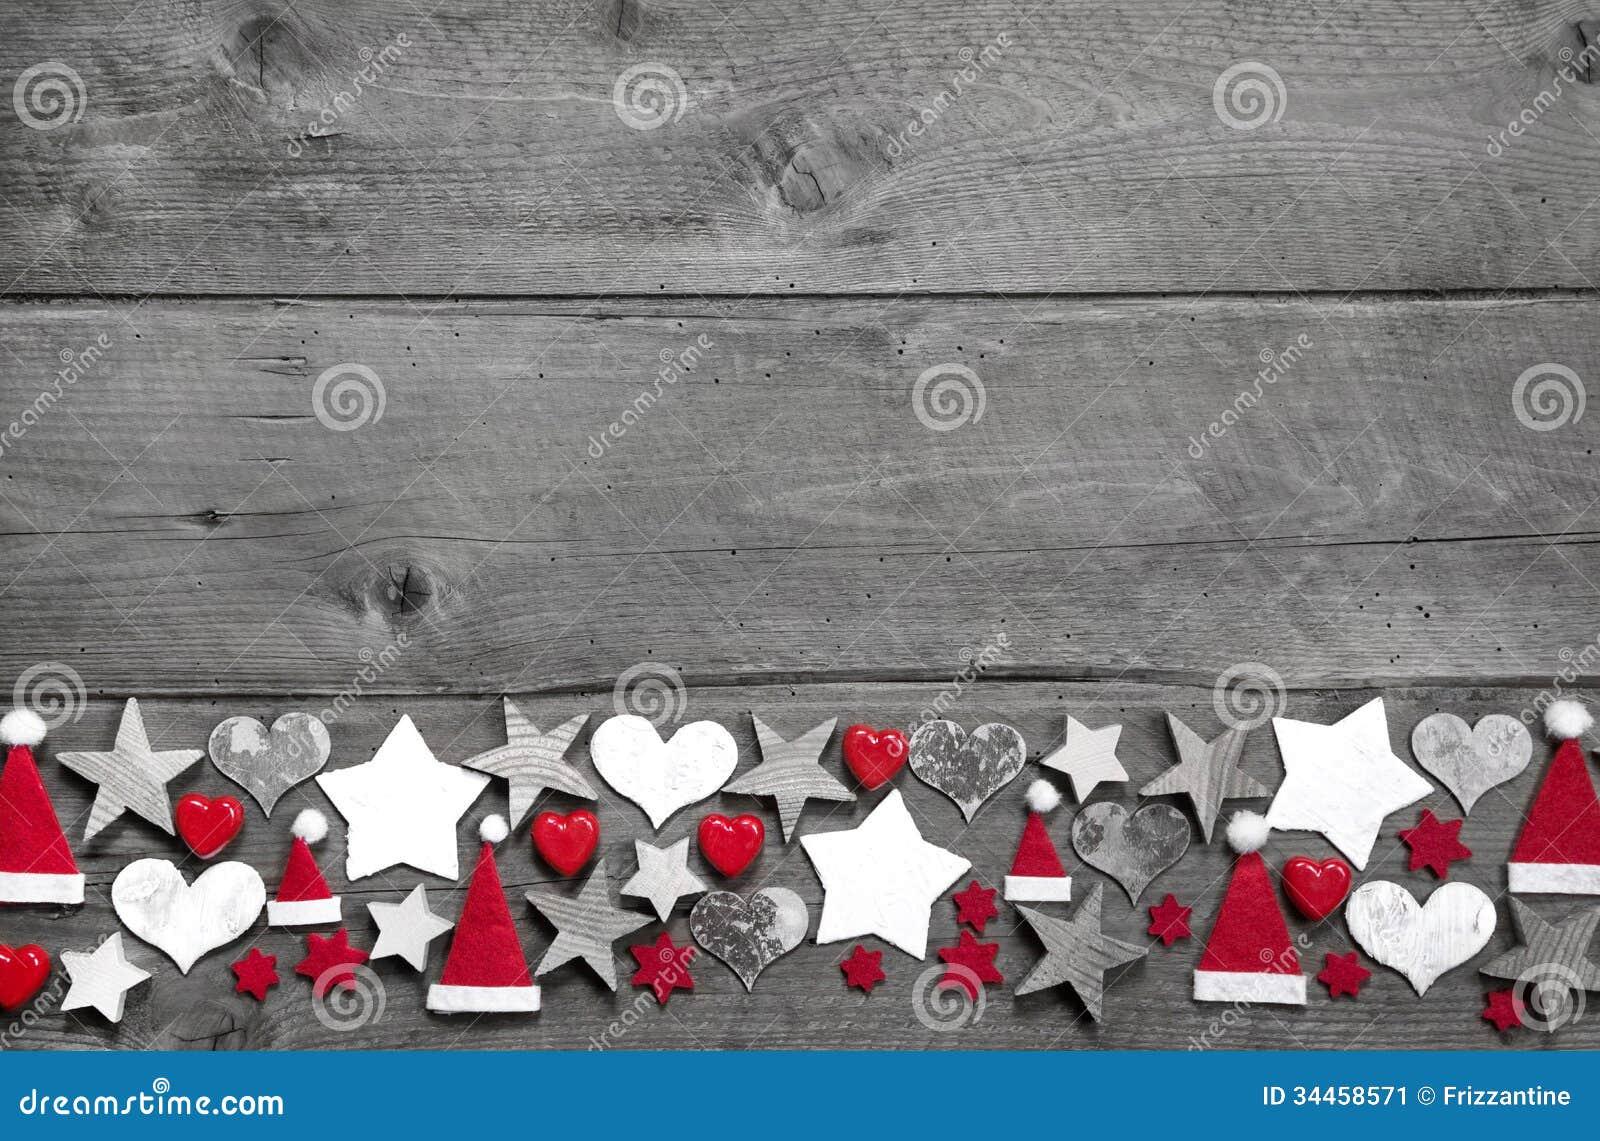 Decoracion En Gris Y Rojo ~   de la Navidad en blanco y rojo en la parte posterior de madera gris